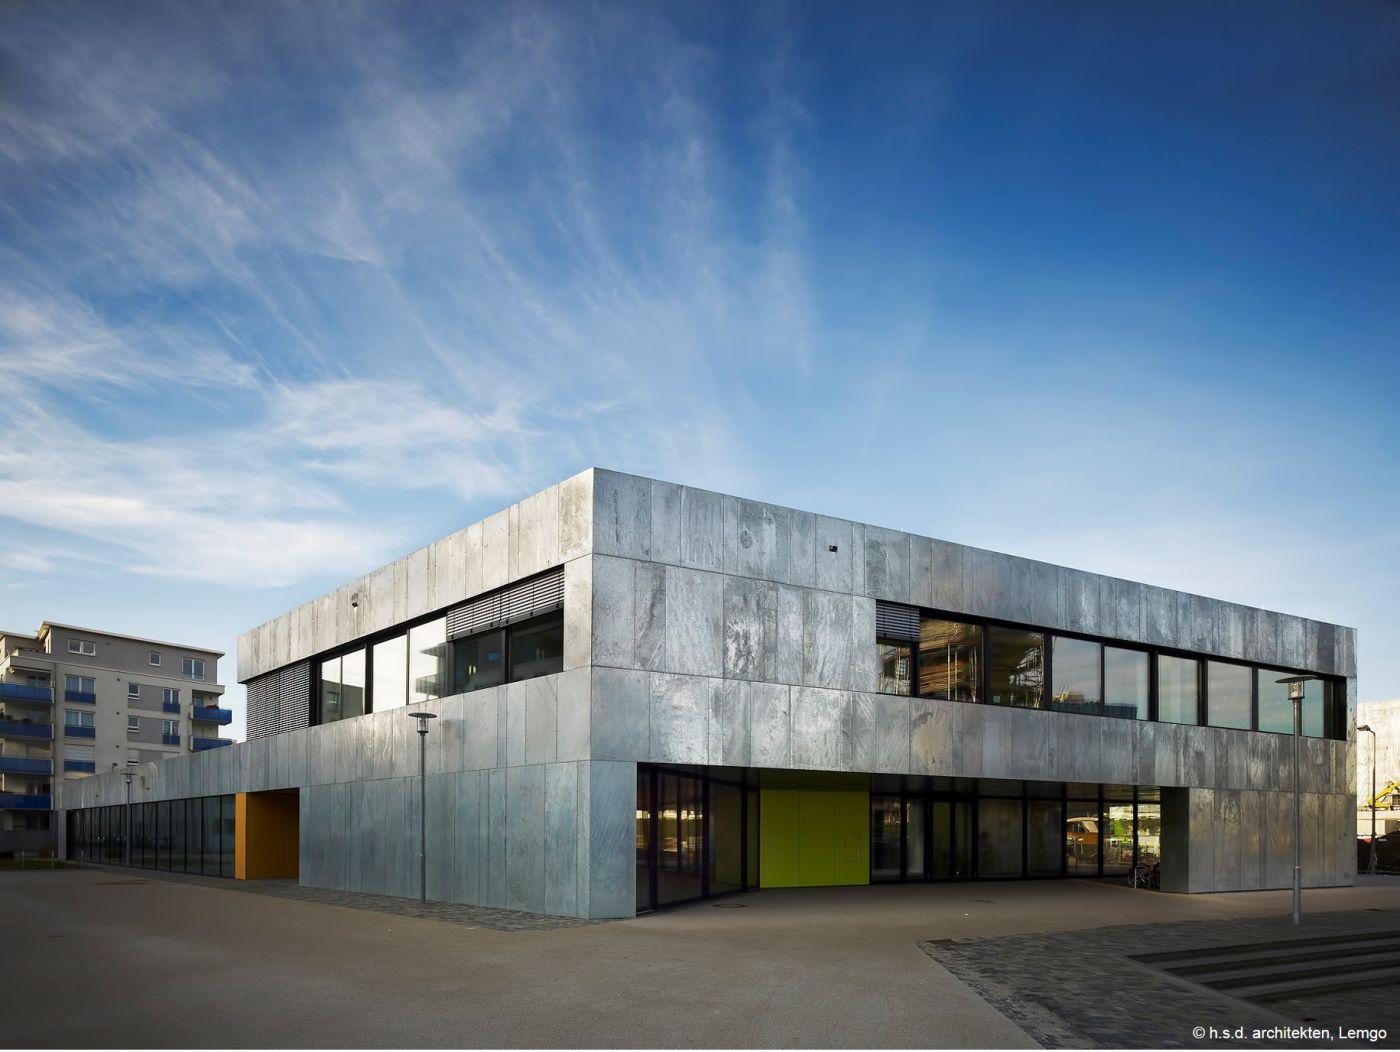 ww_Bildung_Grundschule Suedost_Karlsruhe_Copyright_hsd_Architekten_Lemgo_4c_1400x0_1